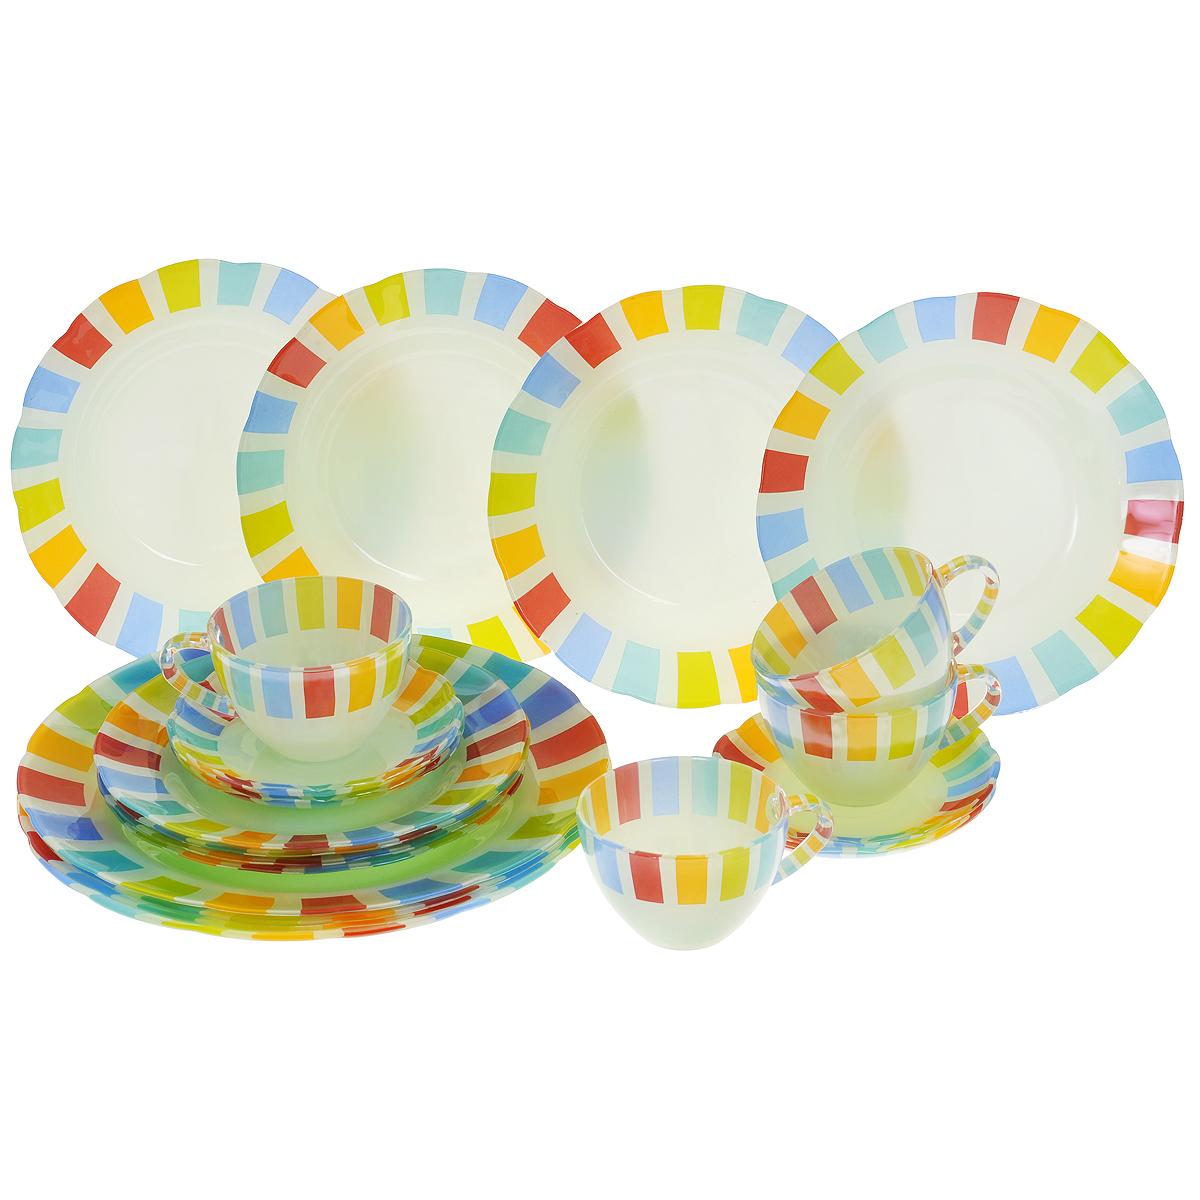 Набор посуды Радуга, 20 предметов115510Набор посуды Радуга состоит из 4 суповых тарелок, 4 обеденных тарелок, 4 десертных тарелок, 4 блюдец, 4 чашек. Изделия выполнены из высококачественного стекла и оформлены яркой разноцветной каймой. Столовый набор эффектно украсит стол к обеду, а также прекрасно подойдет для торжественных случаев.